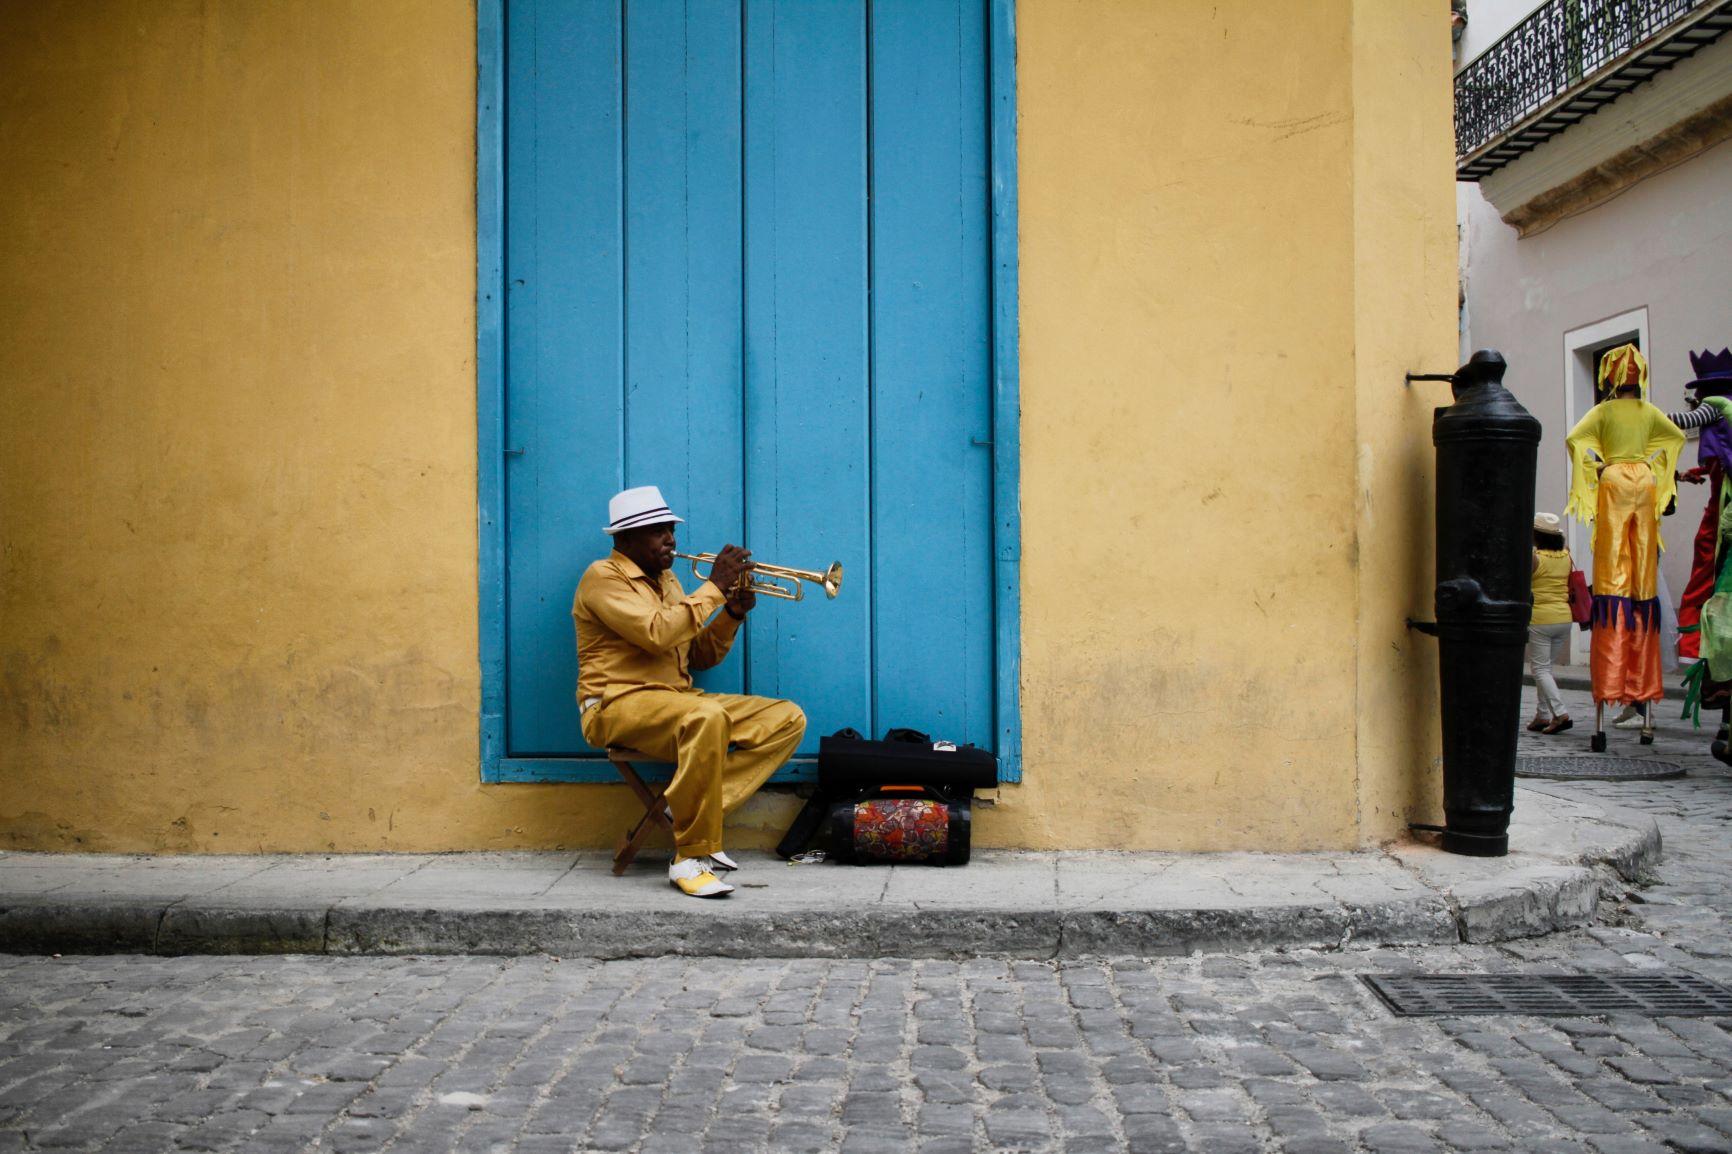 Viaje Cuba-musico_cubano